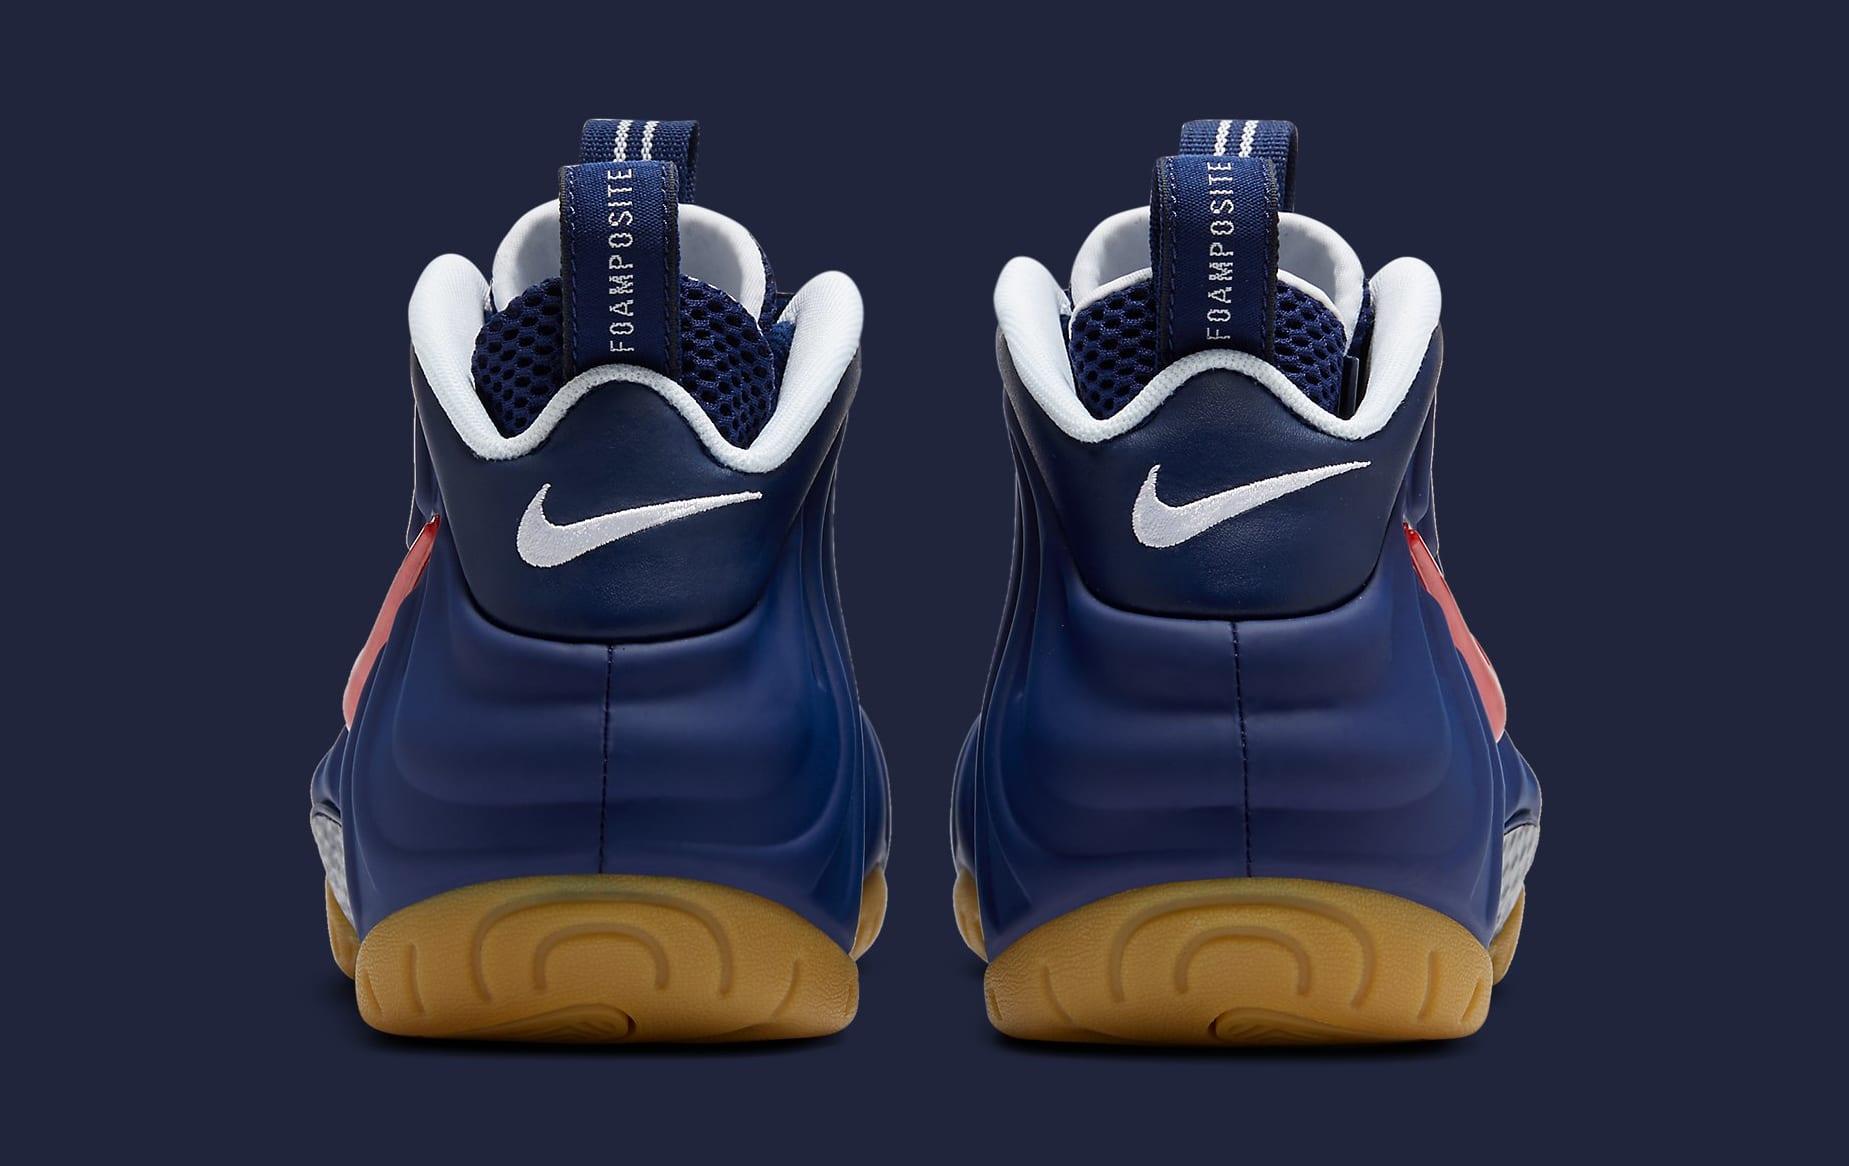 Nike Air Foamposite Pro 'Blue Void' CJ0325-400 Heel